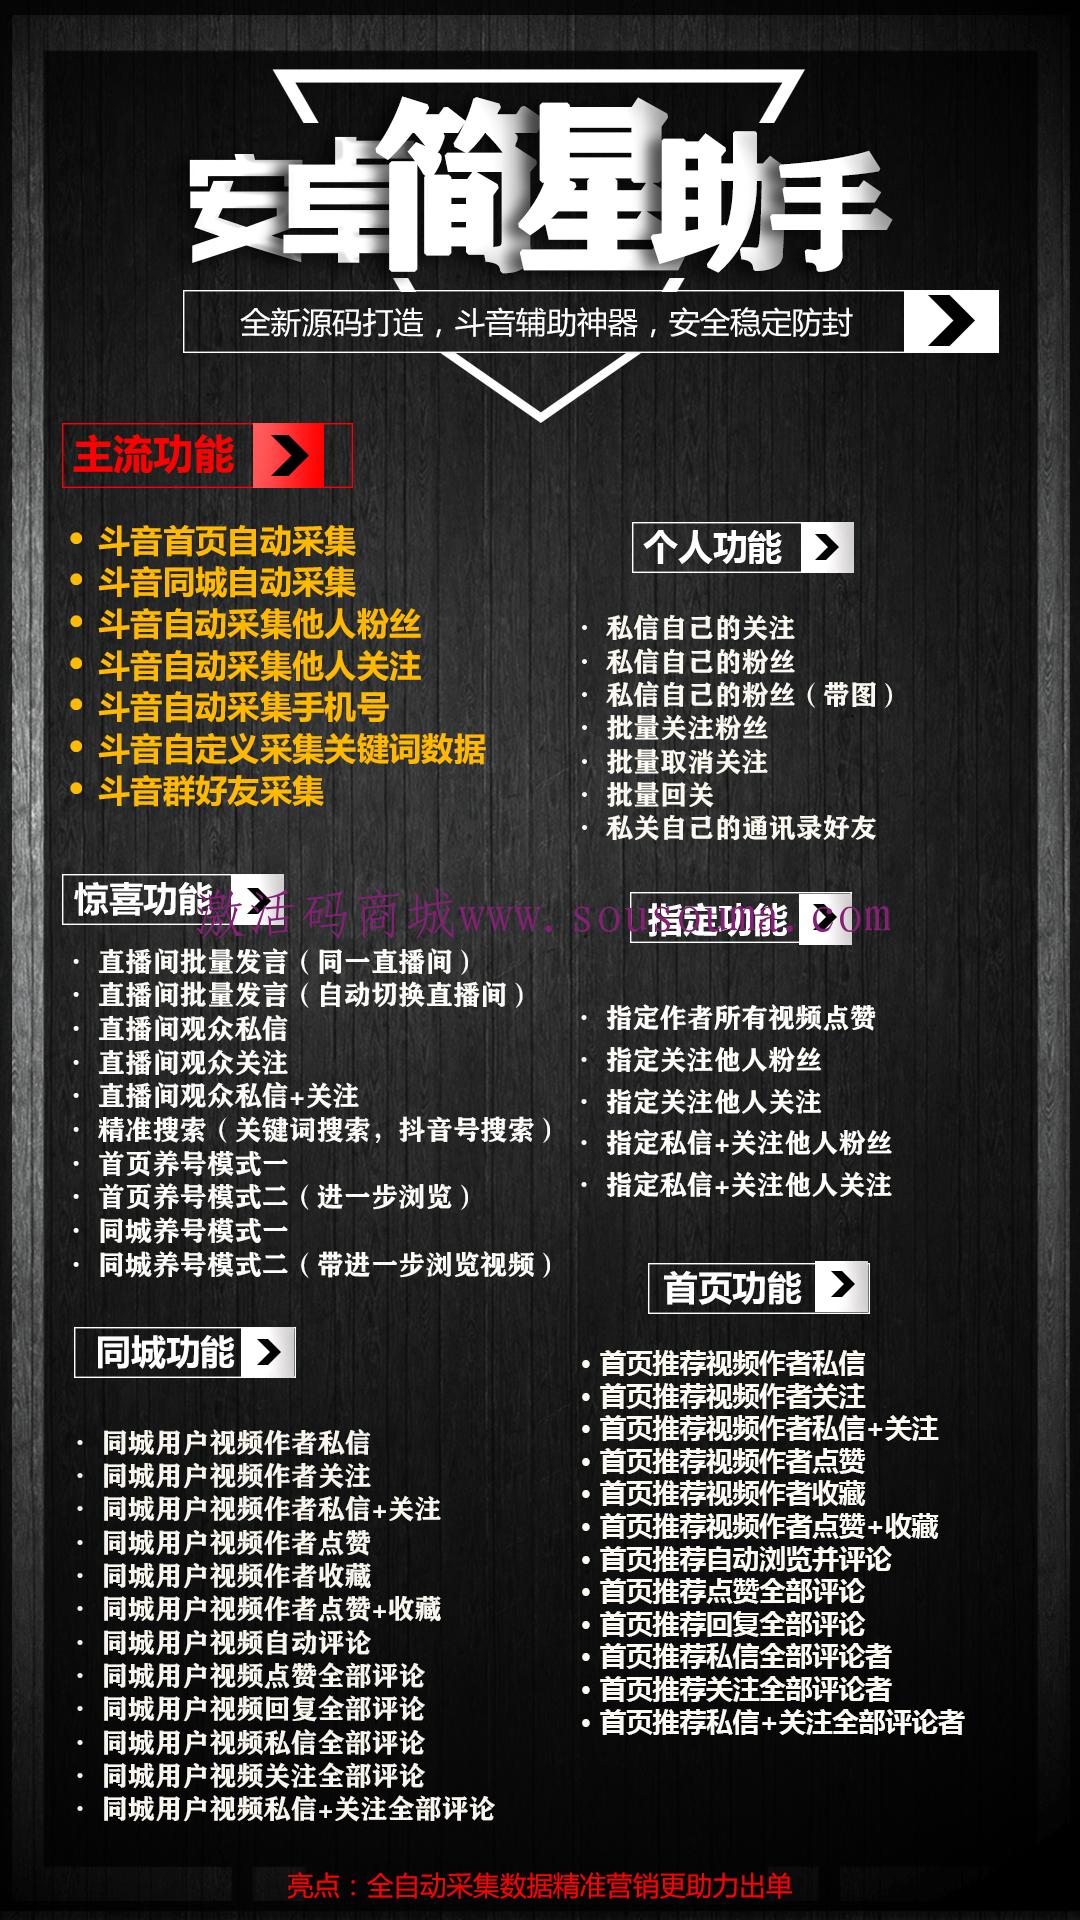 【简星助手】安卓抖音多功能营销娱乐软件激活码授权